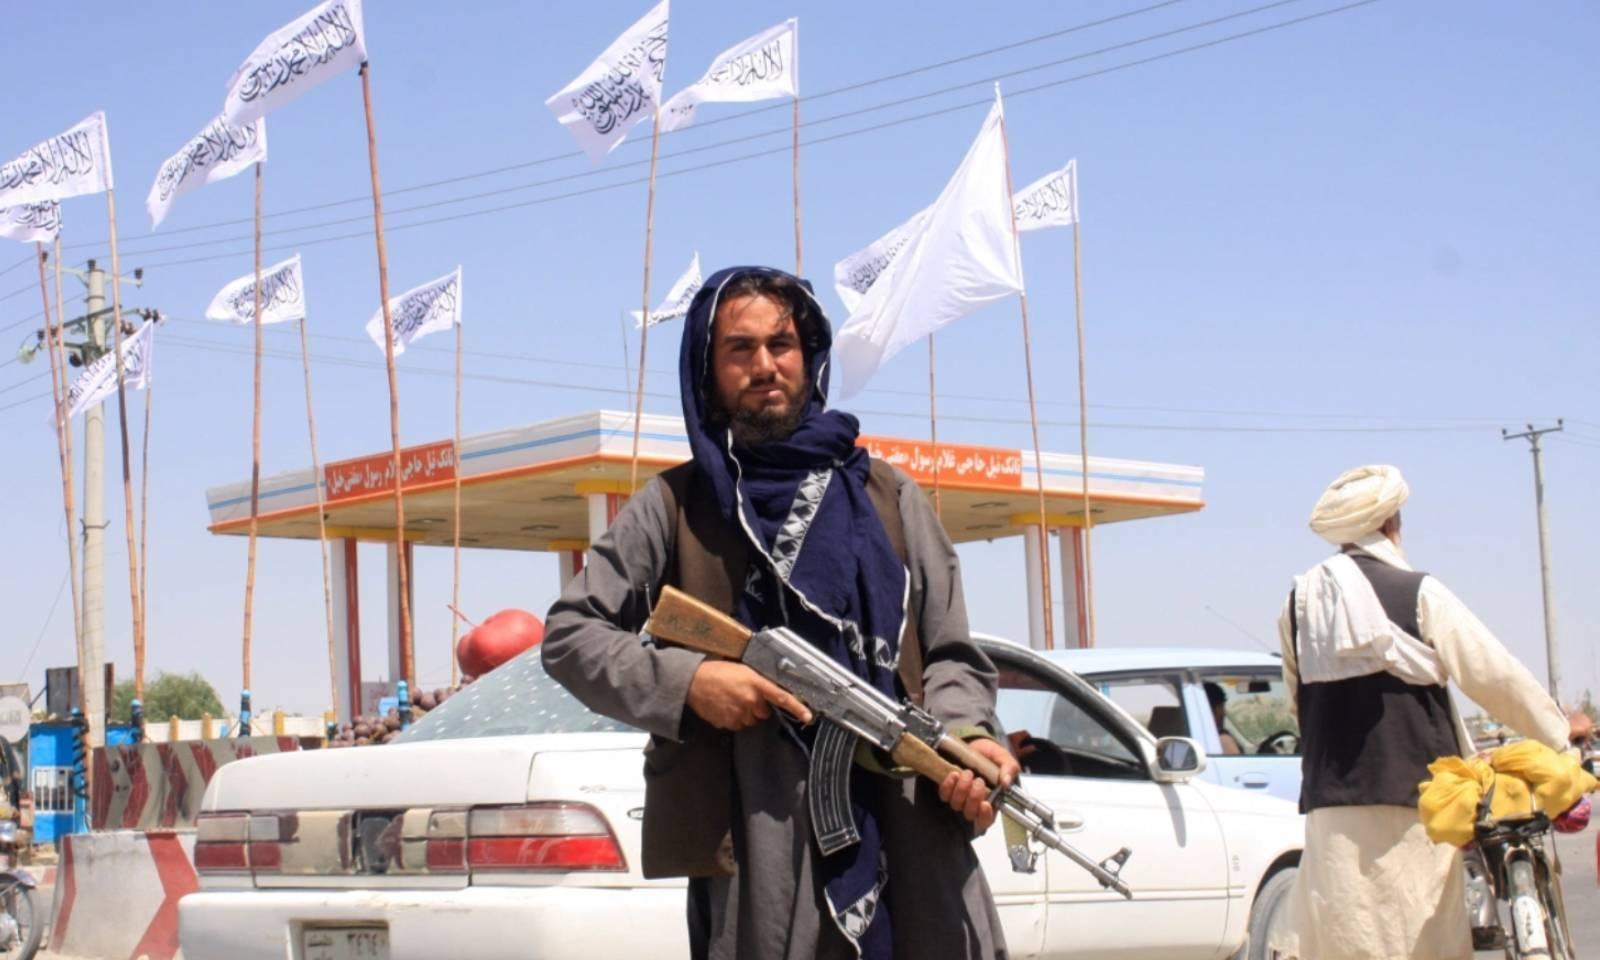 غزنی میں طالبان کا ایک رکن پہرا دے رہا ہے — فوٹو: رائٹرز